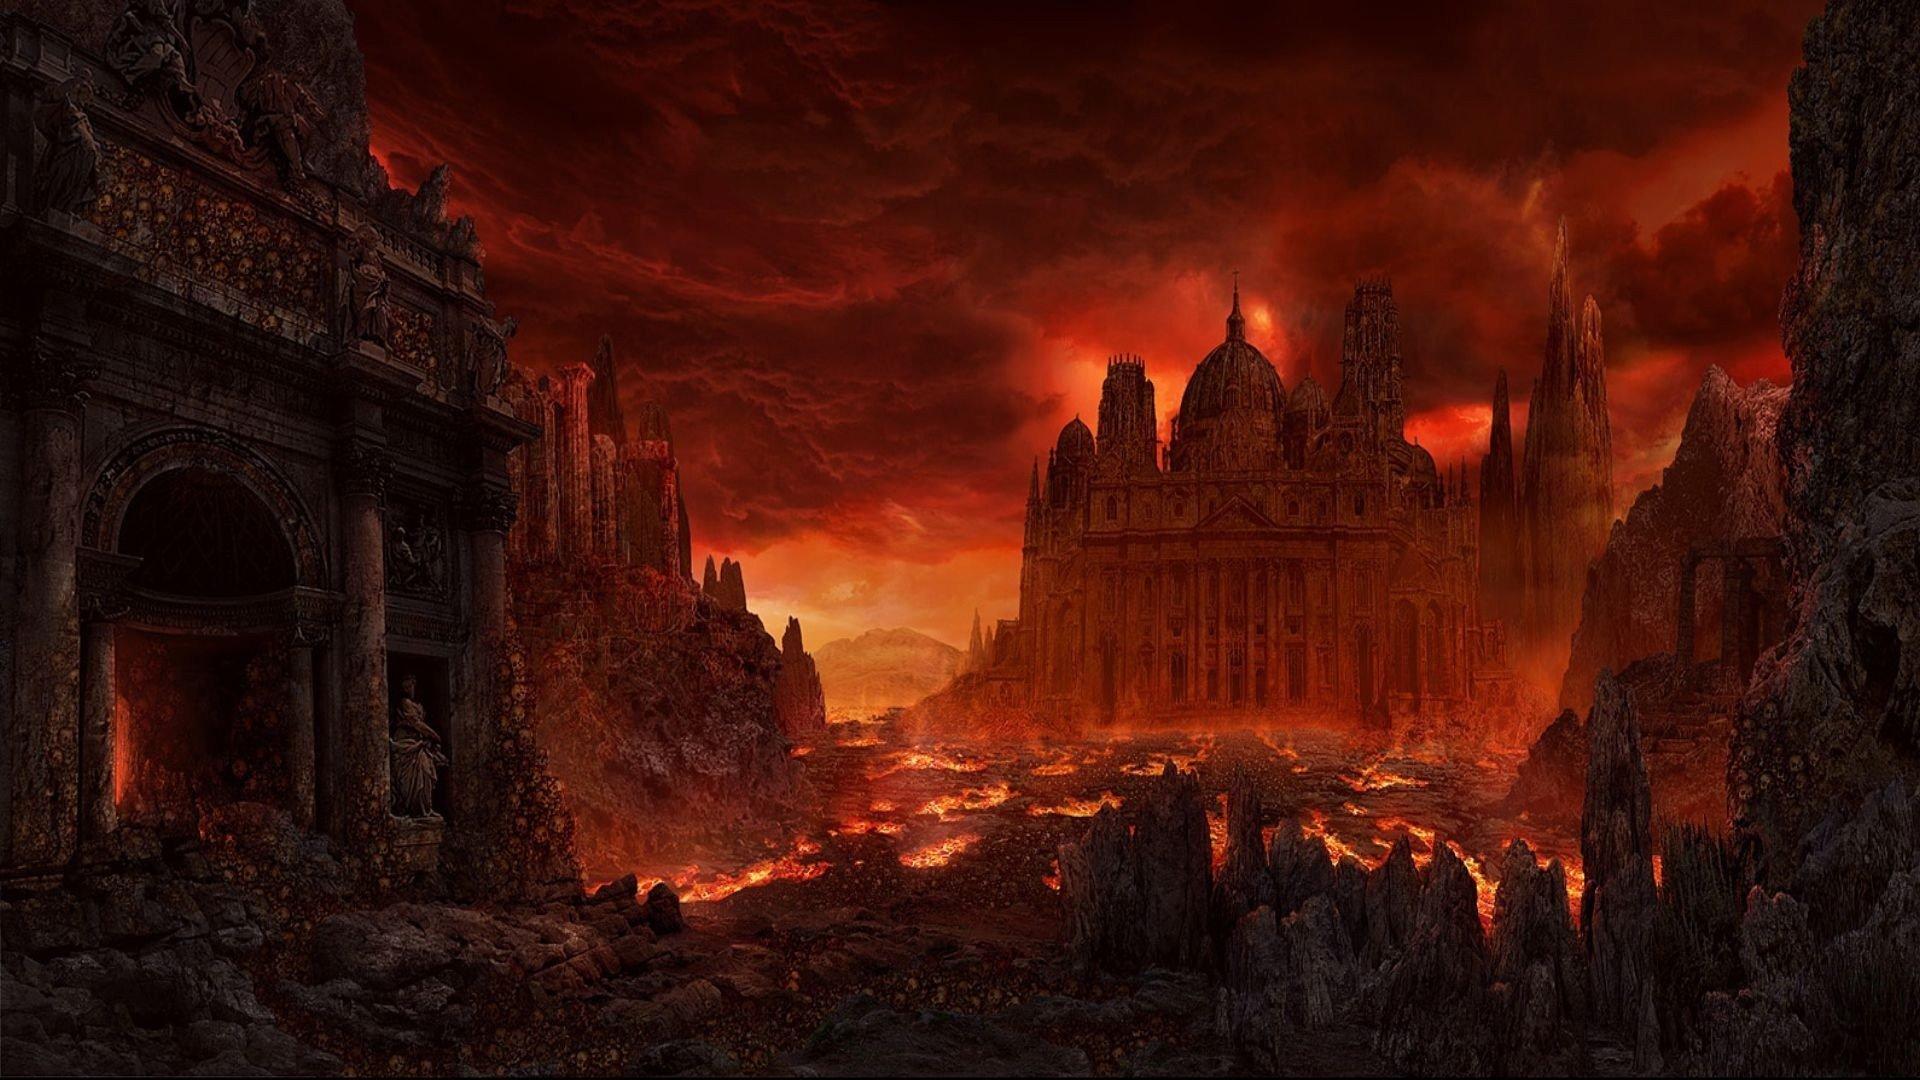 магазина картинки замки из ада может быть использовано